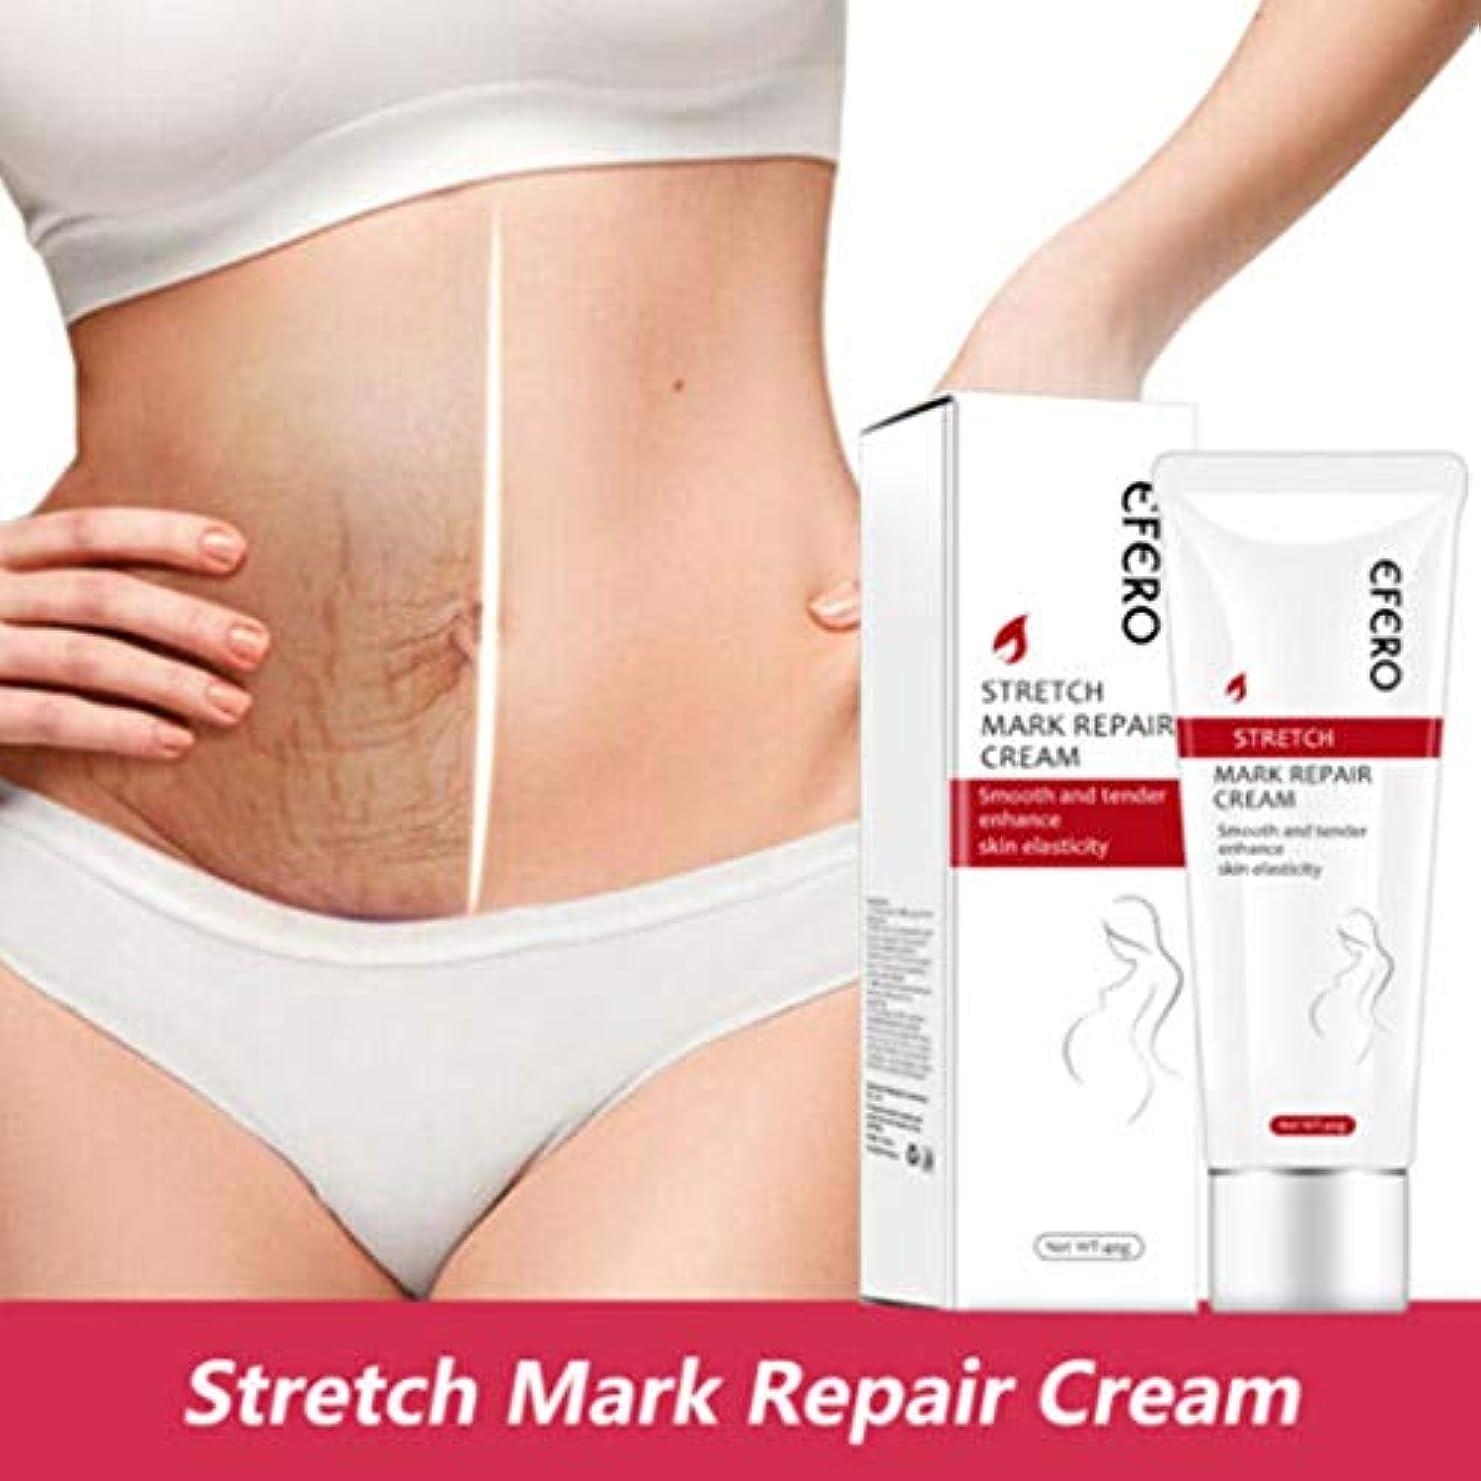 バナーどうやら教授妊娠中の女性のストレッチマークの傷跡クリームクリームの修理クリーム、産後の母親の肌のソリューションボディ肌の保湿美白ケア